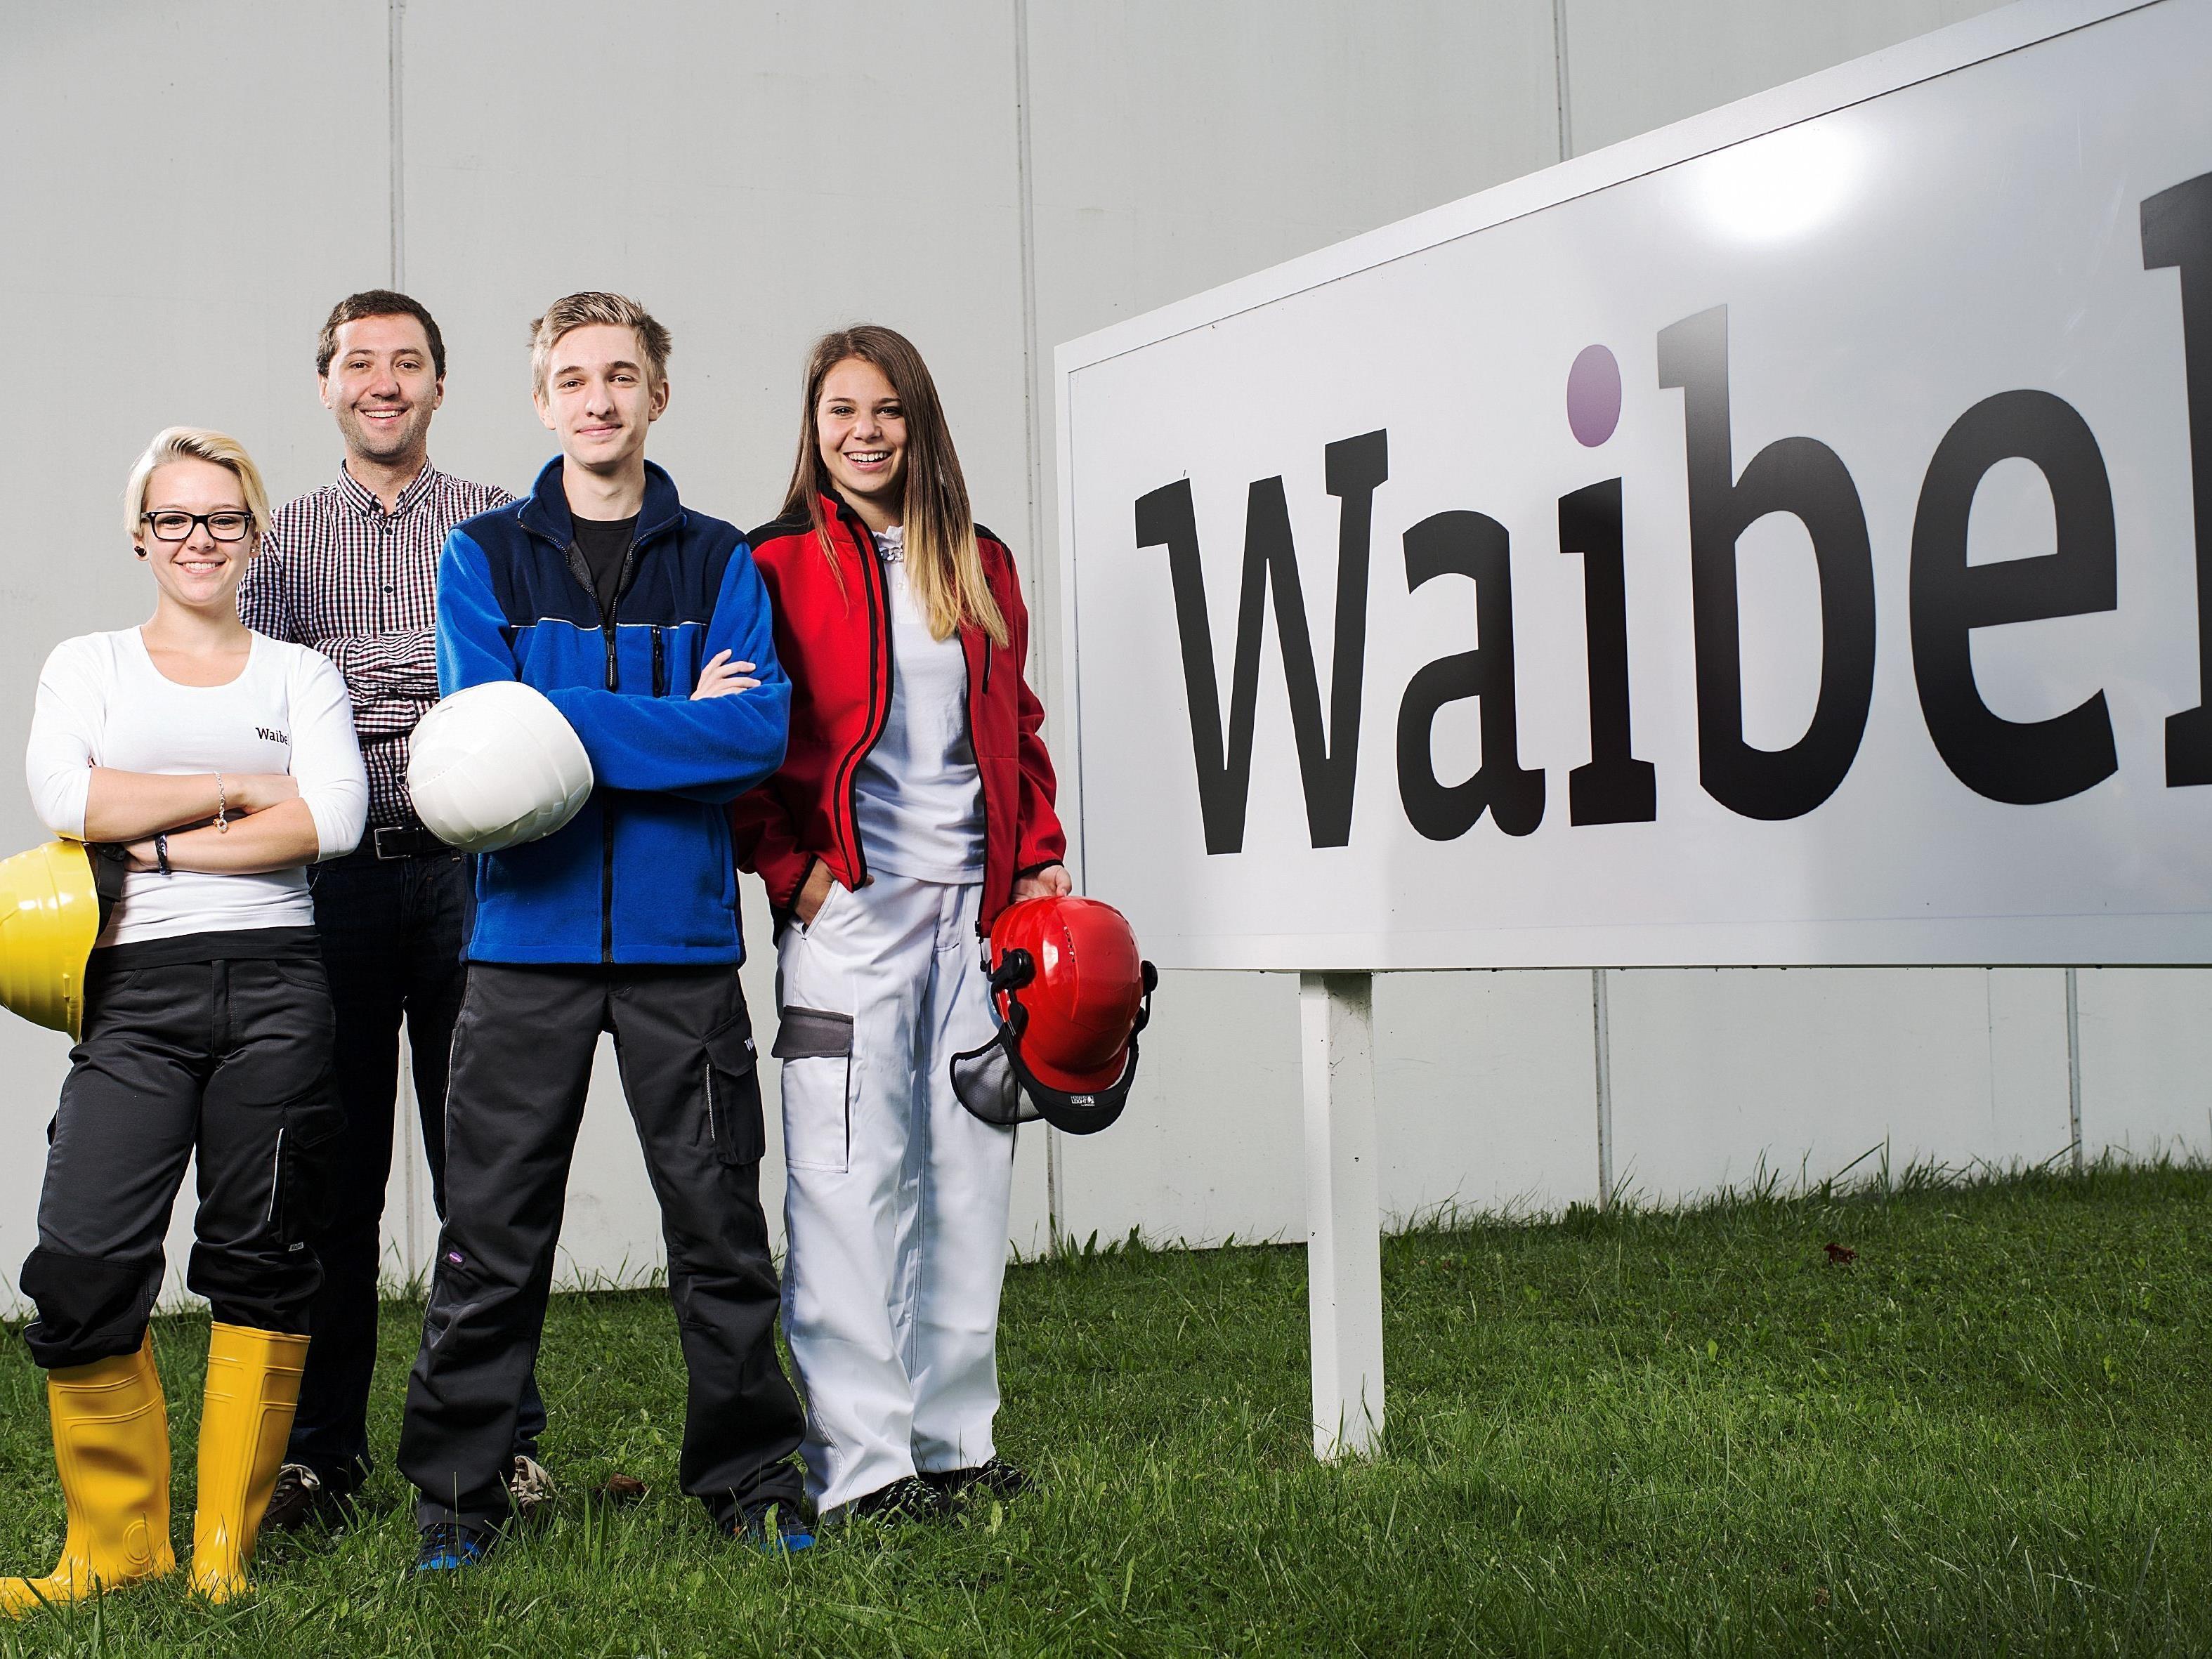 Geschäftsführer Richard Waibel ist für die Lehrlingsausbildung im Familienbetrieb verantwortlich. Von links nach rechts: Melissa Peter, Richard Waibel, Fabio Venier und Katharina Schatzmann.